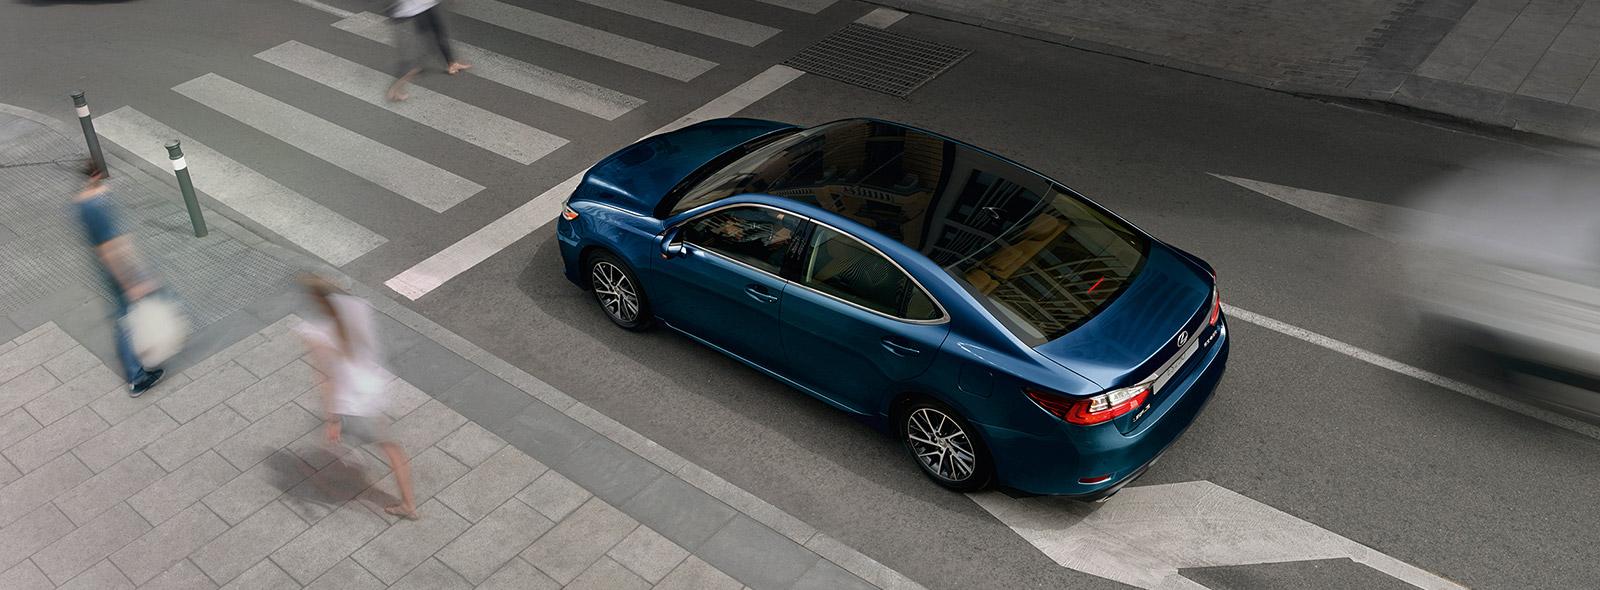 Lexus ES 250 цвета синий металлик с черной крышей